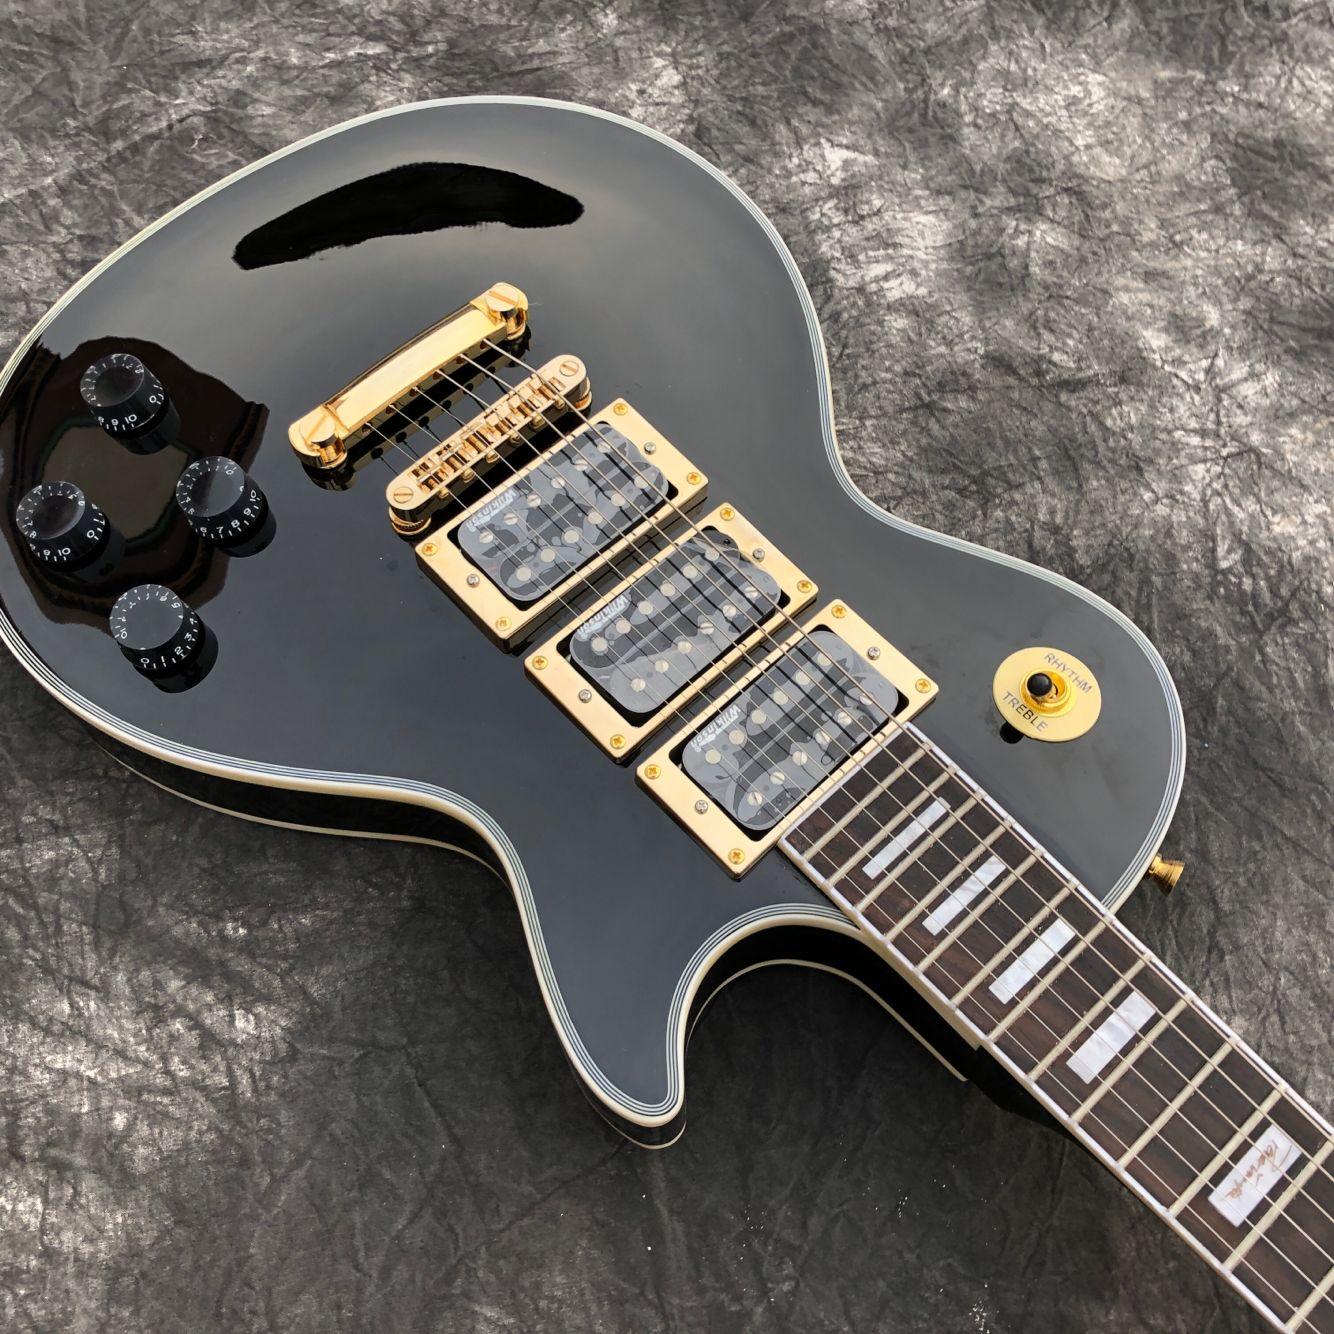 New arrival Electric Guitar.black color guitarra.3 pickups.rosewood fingerboard.mahogany body. enlarge